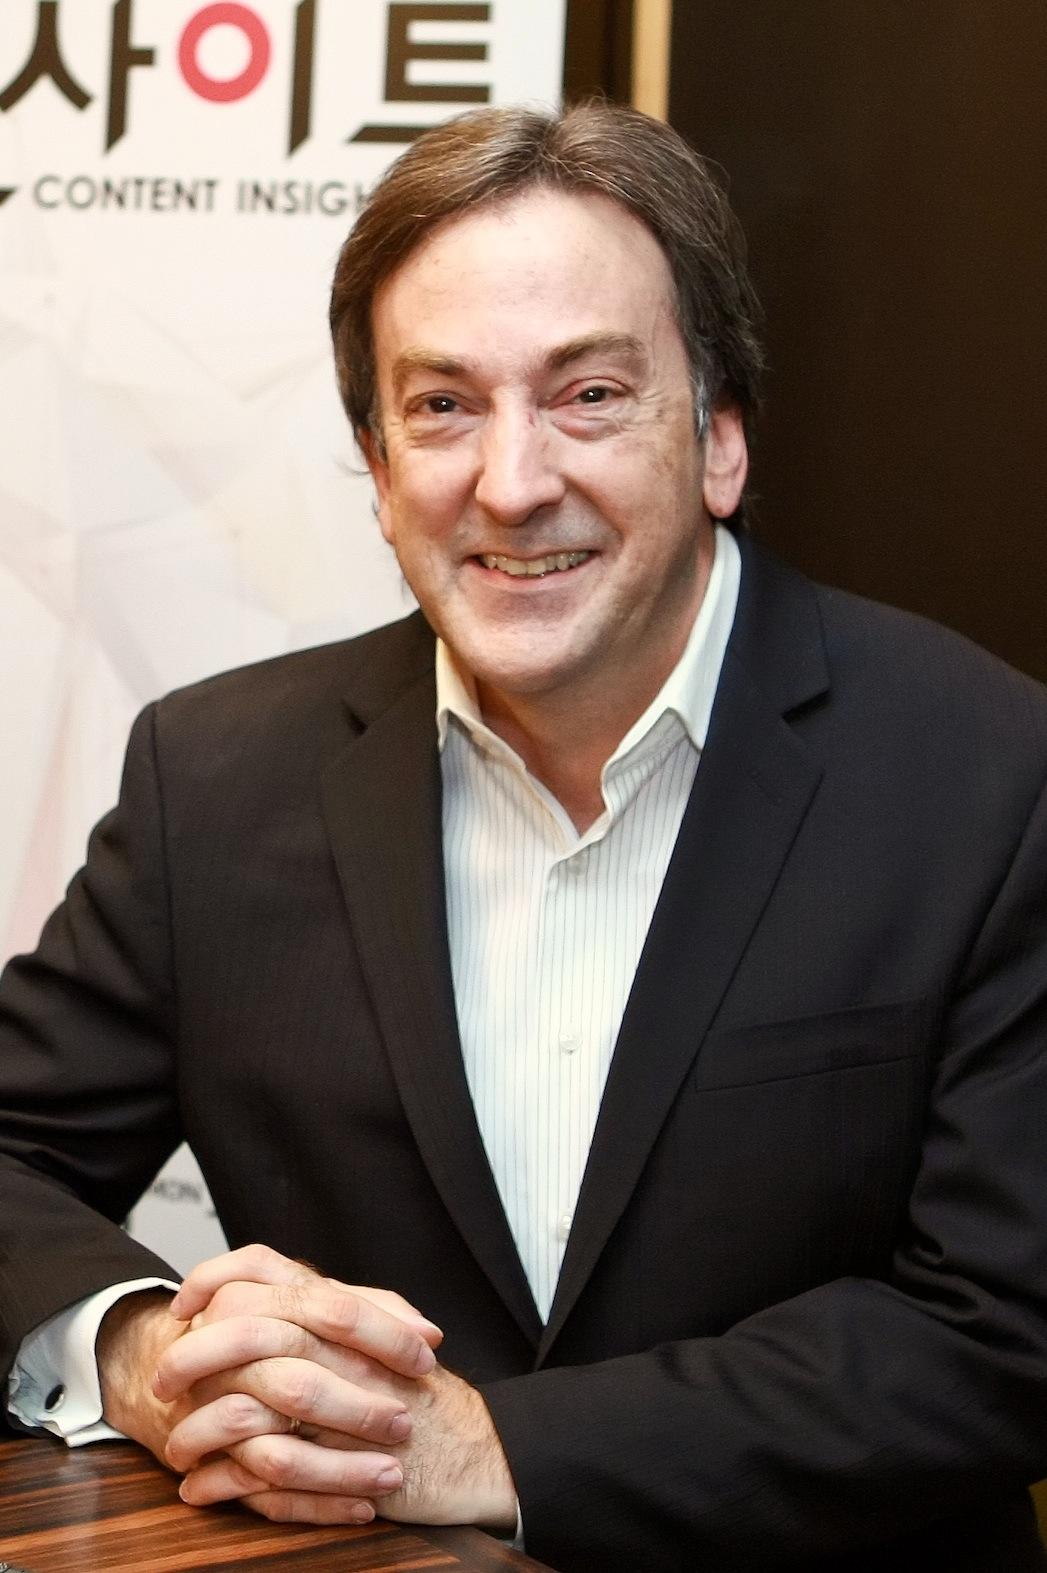 Peter Del Vecho in Korea - P 2014